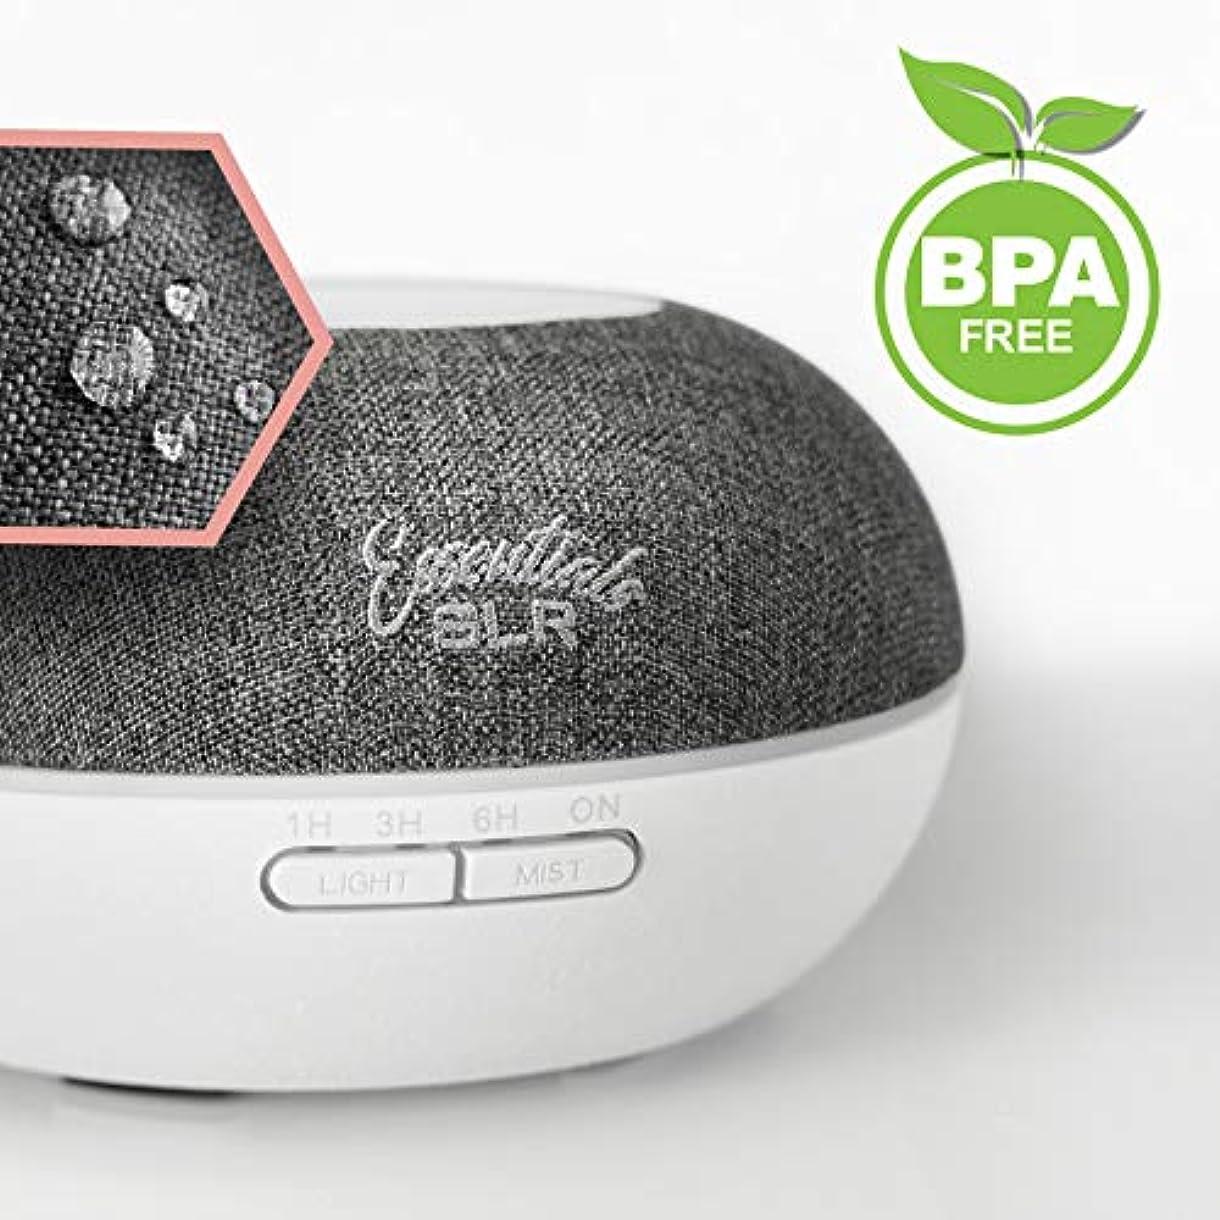 東部検出する音SLR 500 ml Aromatherapy Essential Oil Large Diffuser BPAフリー超音波空気加湿器withマルチカラー変更LED、自動遮断 500ml SLR:900-00055